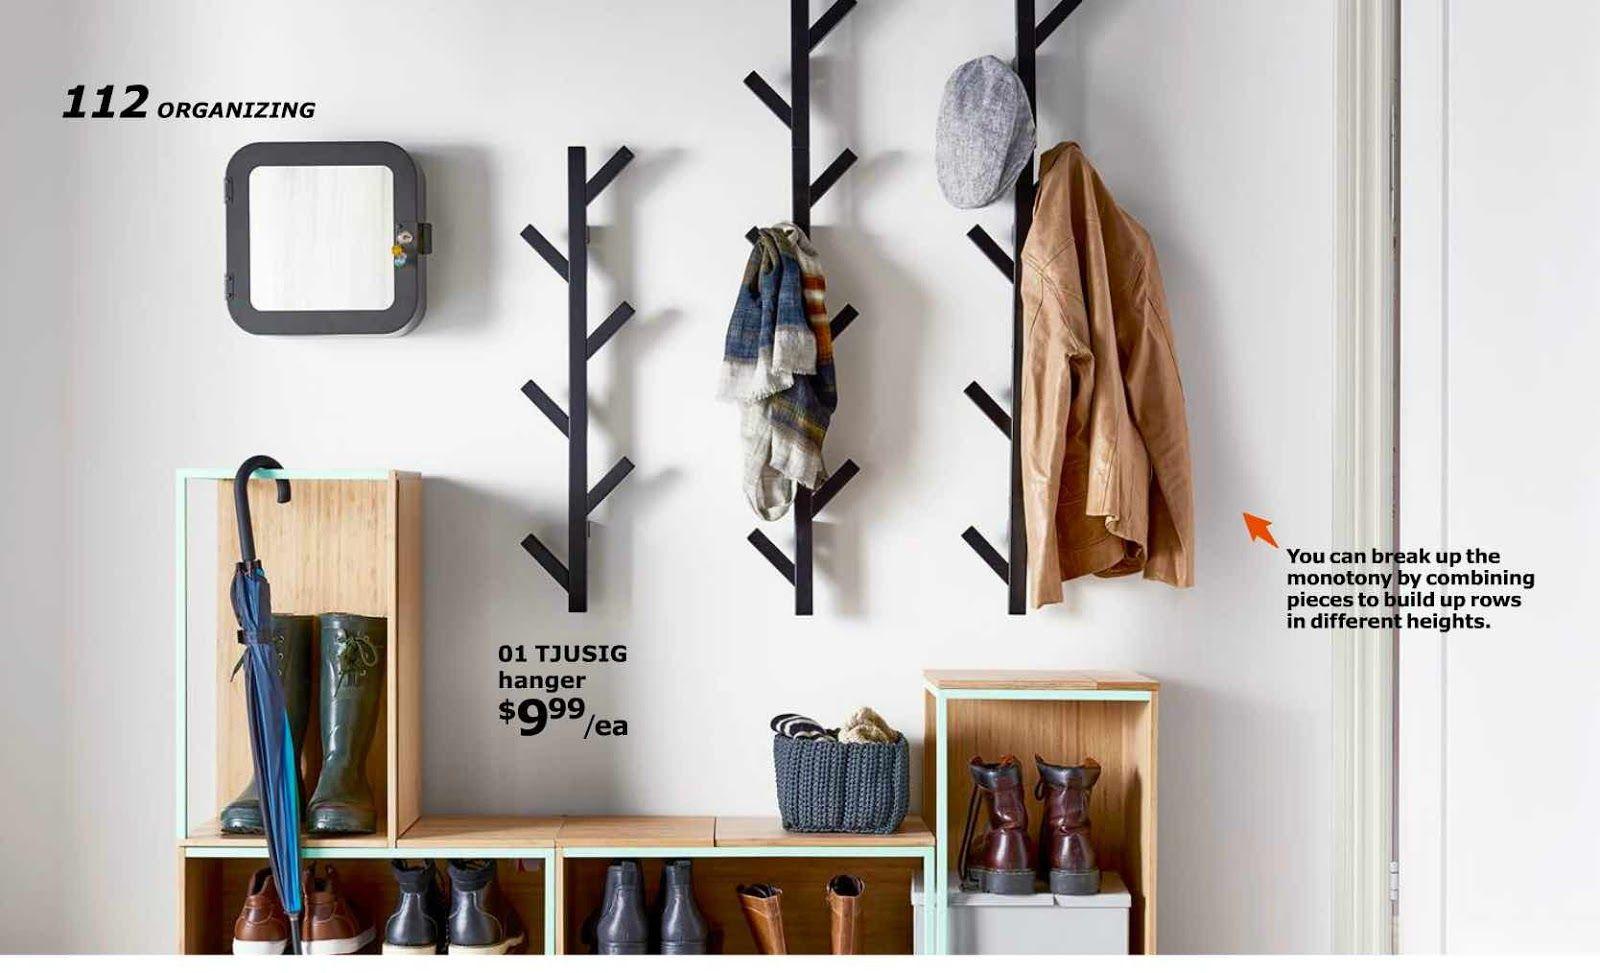 Épinglé par toni lucchesi sur Diy   Pinterest   Maison, Mobilier de ... d973eb64e86d